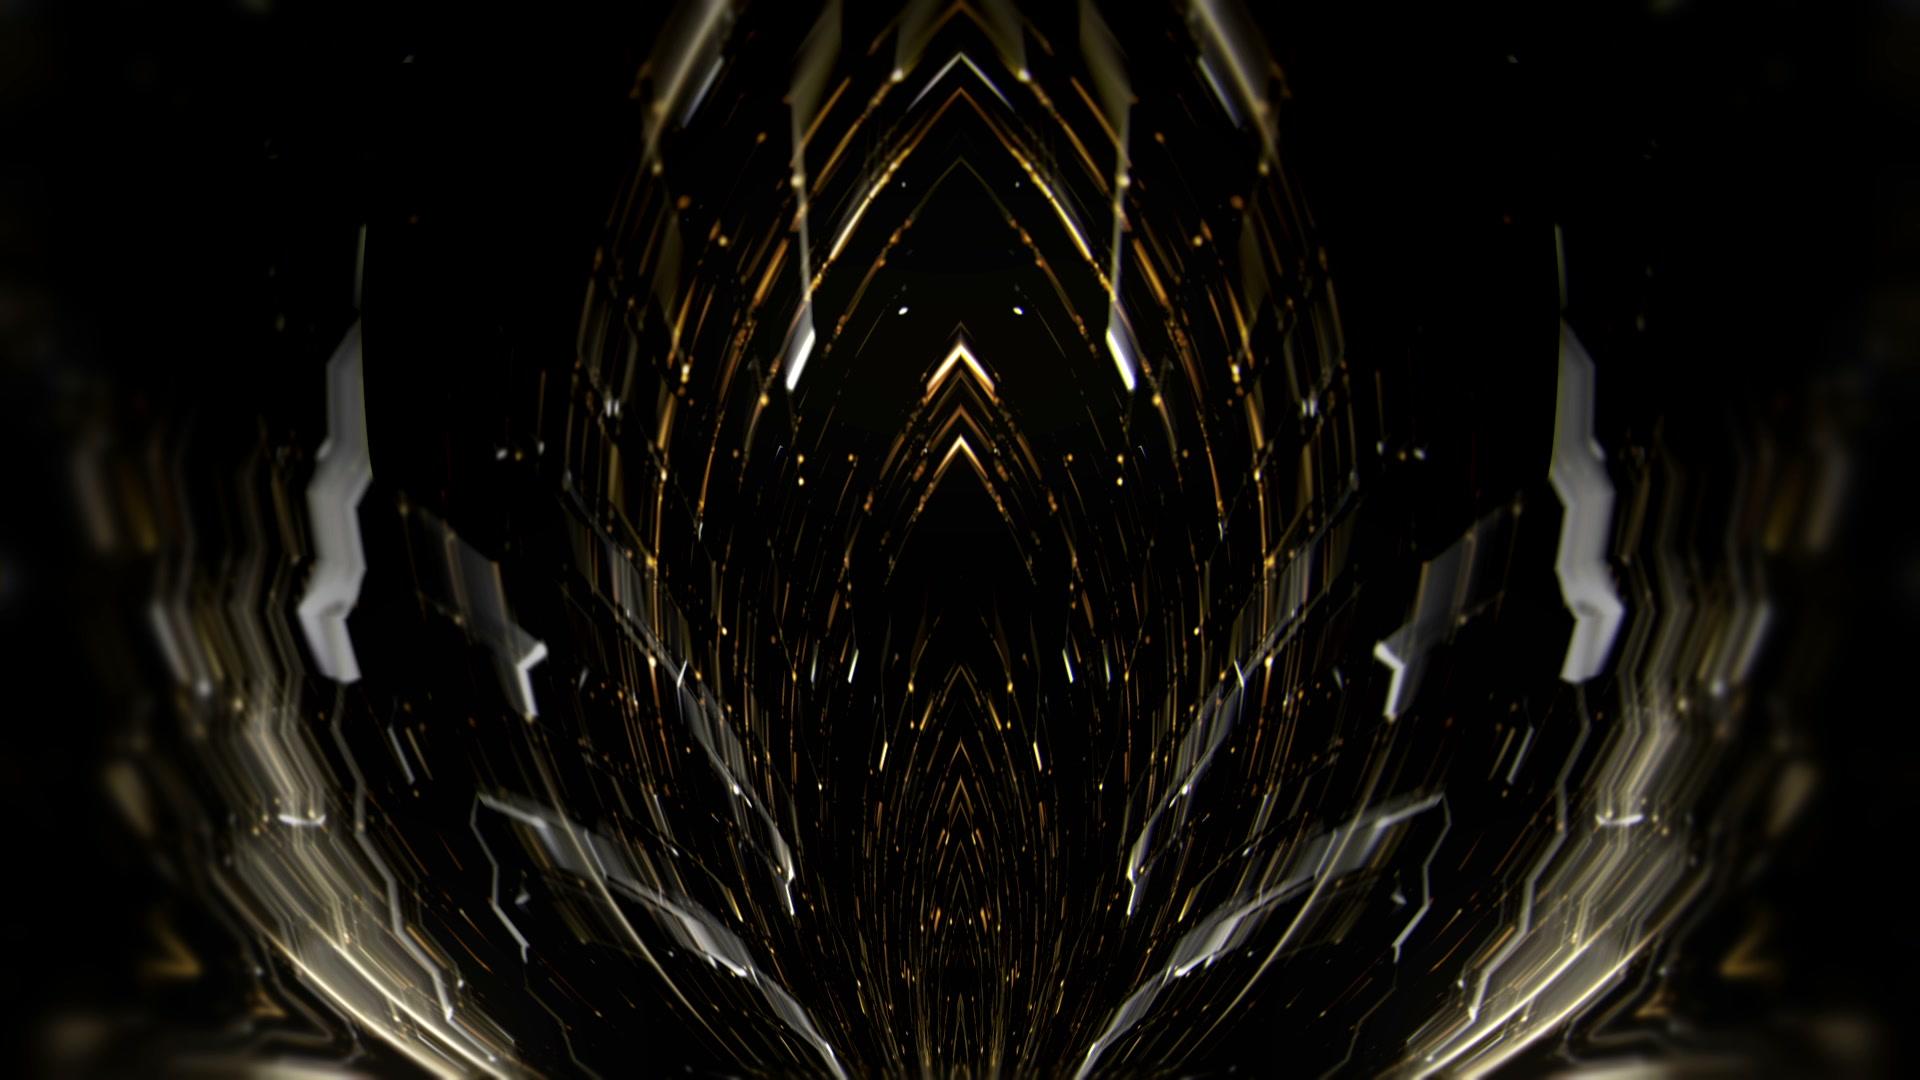 vj video background Gate-for-Gods-VJ-Clip-Full-HD-LIMEART-VJ-Loop_003